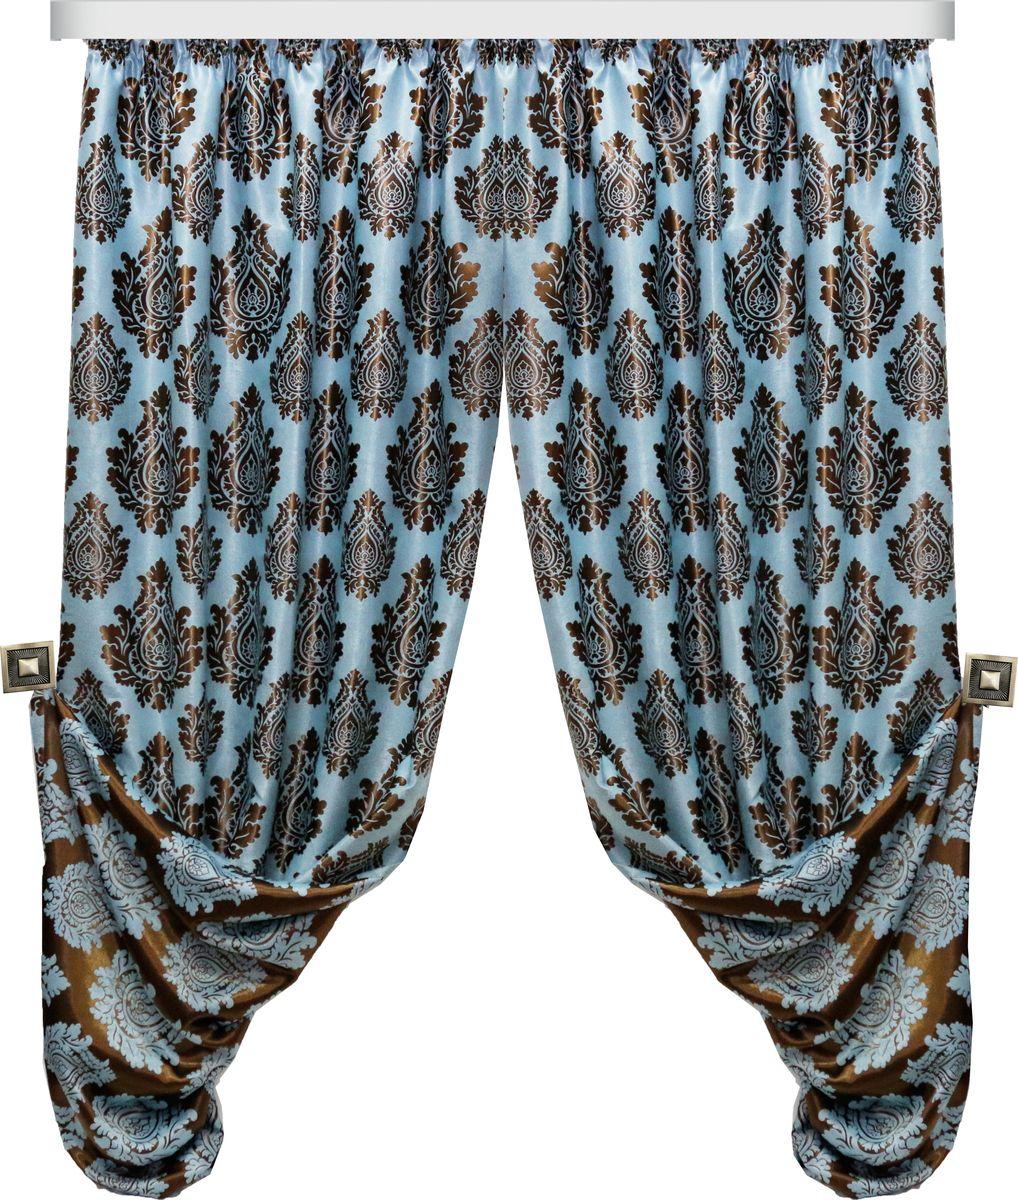 Комплект штор Zlata Korunka, на ленте, цвет: синий, коричневый, высота 270 см. 777094777094Роскошный комплект штор Zlata Korunka, выполненный из 100% полиэстера, великолепноукрасит любое окно. Комплектсостоит из двух штор и двух подхватов.Плотная ткань, оригинальный принт и приятная, приглушенная гаммапривлекут к себе внимание и органично впишутся в интерьер помещения.Комплект крепится на карниз при помощи шторной ленты, которая поможеткрасиво и равномерно задрапировать верх. Шторы можно зафиксировать водном положении с помощью двух подхватов. Этот комплект будет долгое время радовать вас и вашу семью!В комплект входит:Портьера: 2 шт. Размер (ШхВ): 160 см х 270 см.Подхват: 2 шт. Размер (ШхВ): 60 см х 10 см.